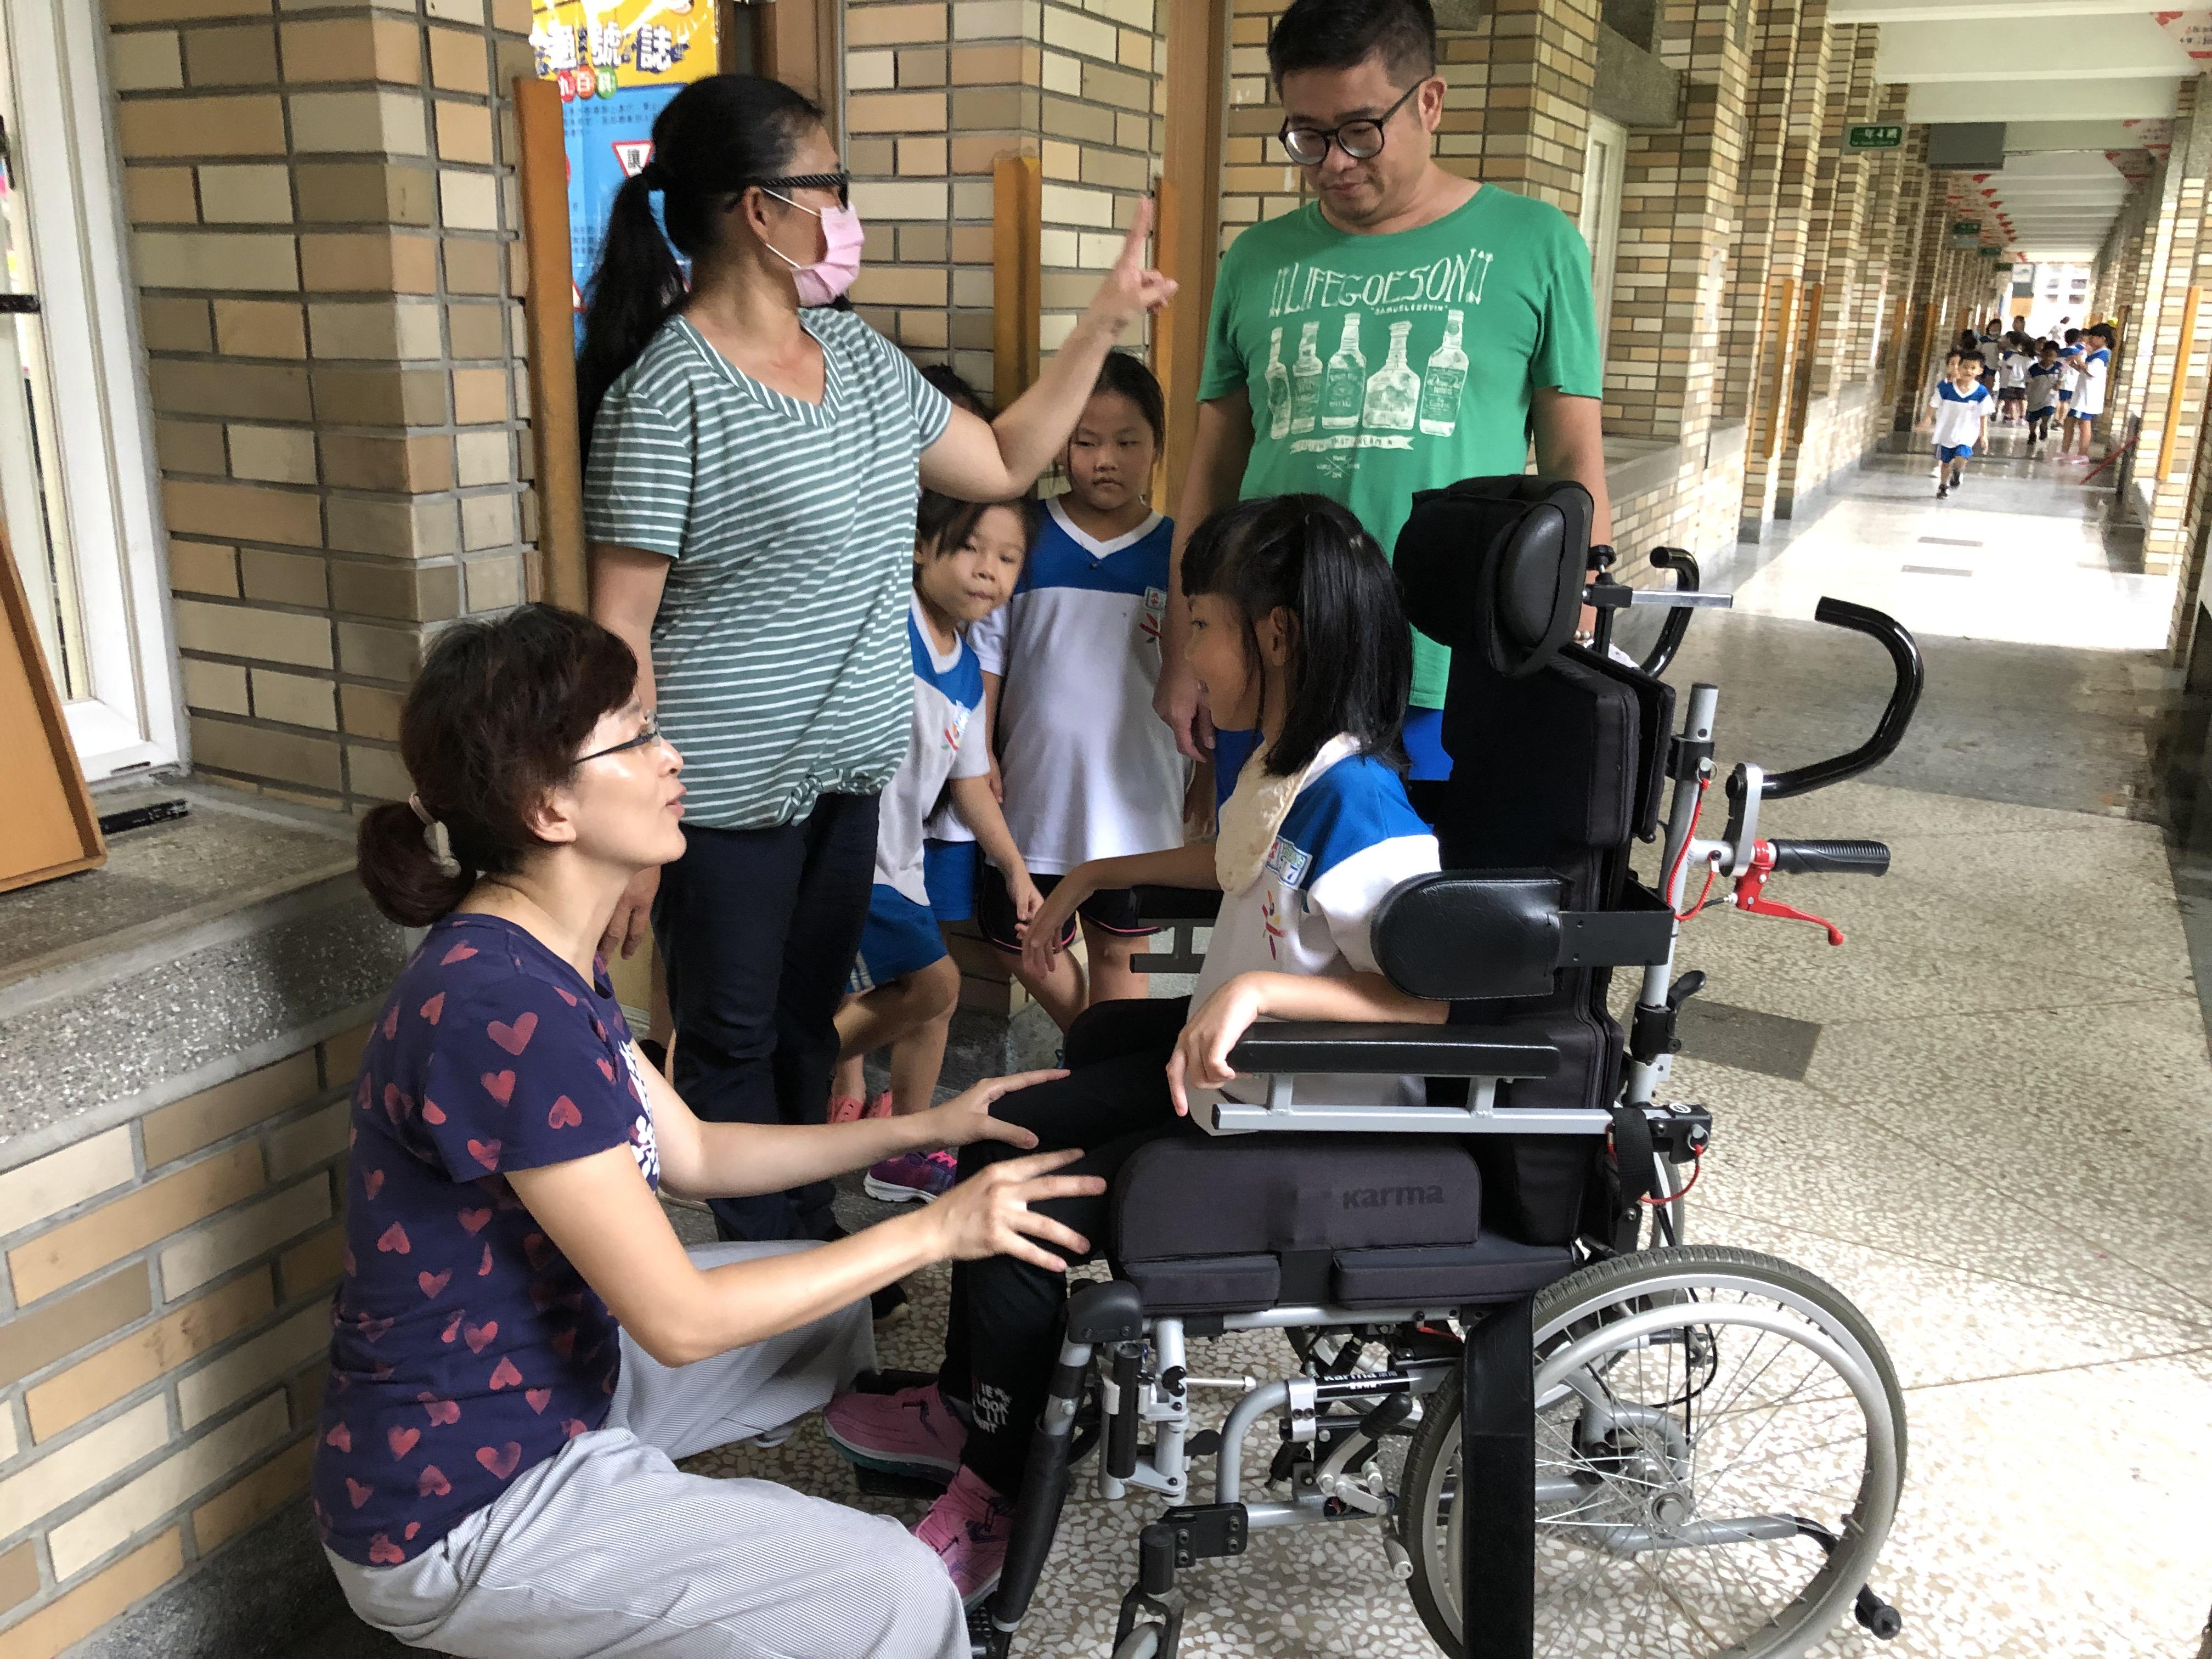 圖2:李乙蘭為學生申請輪椅,帶著孩子飛越障礙,更要讓孩子找到可立足於世界上,存在的意義。_大圖